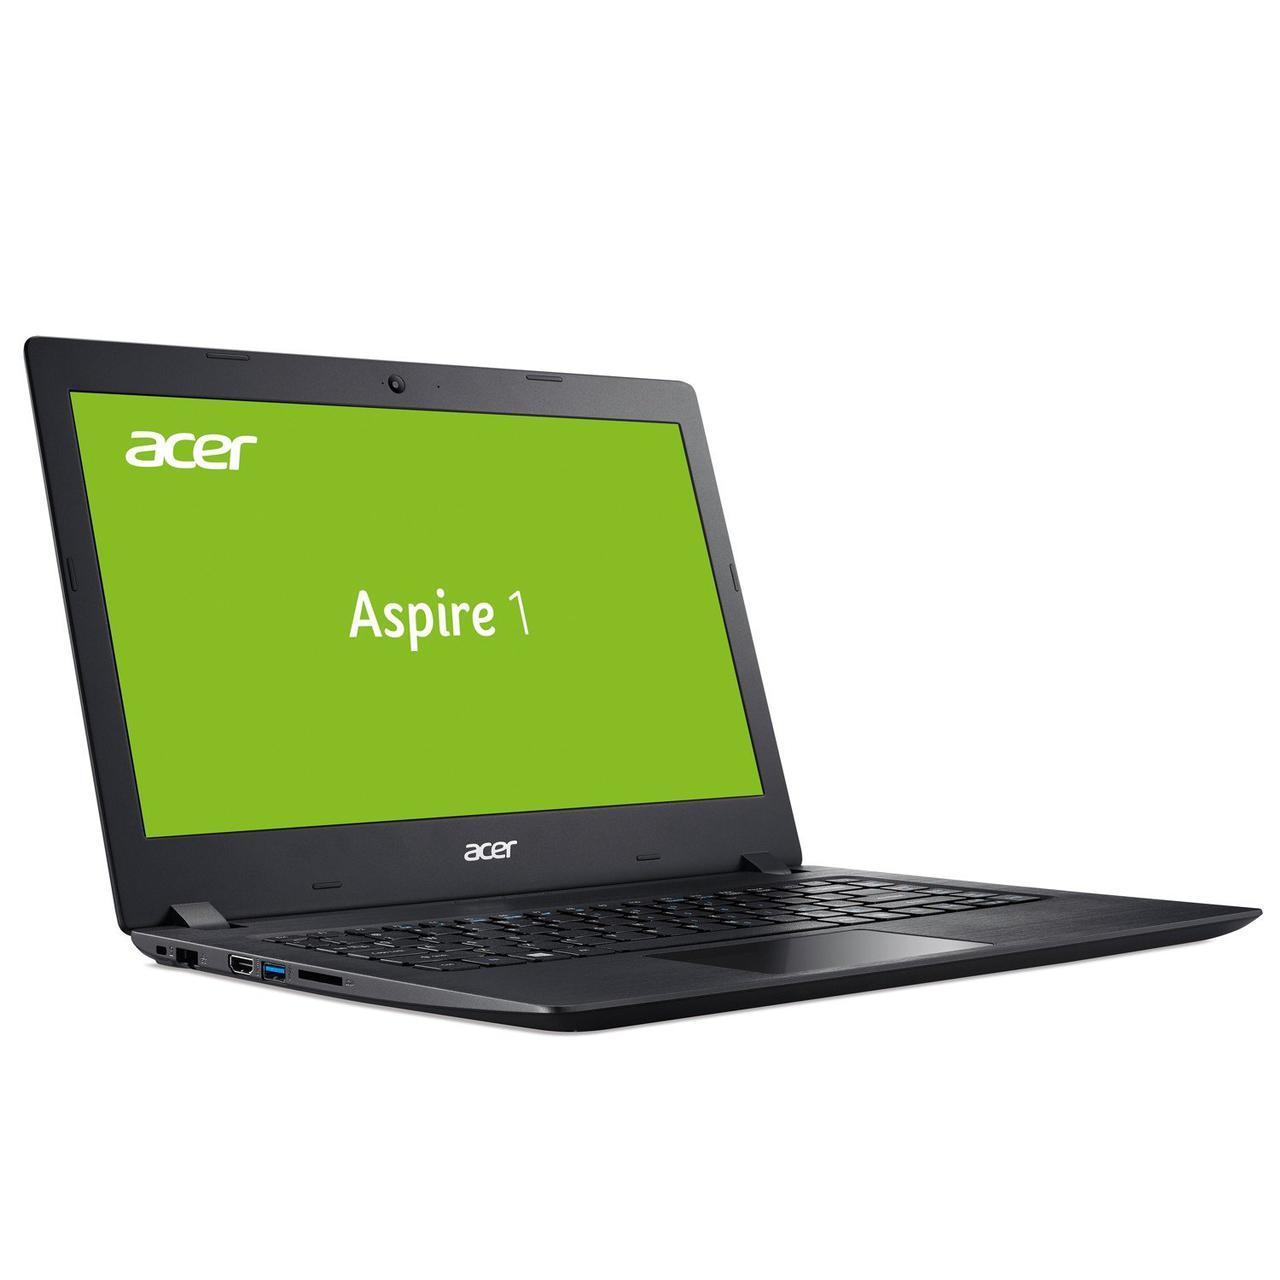 """Ноутбук Acer Aspire 1 A114-31-C5UB,  14"""", HD (1366 х 768), Intel Celeron N3350 (up to 2.4 ГГц), 4 ГБ, Intel HD"""